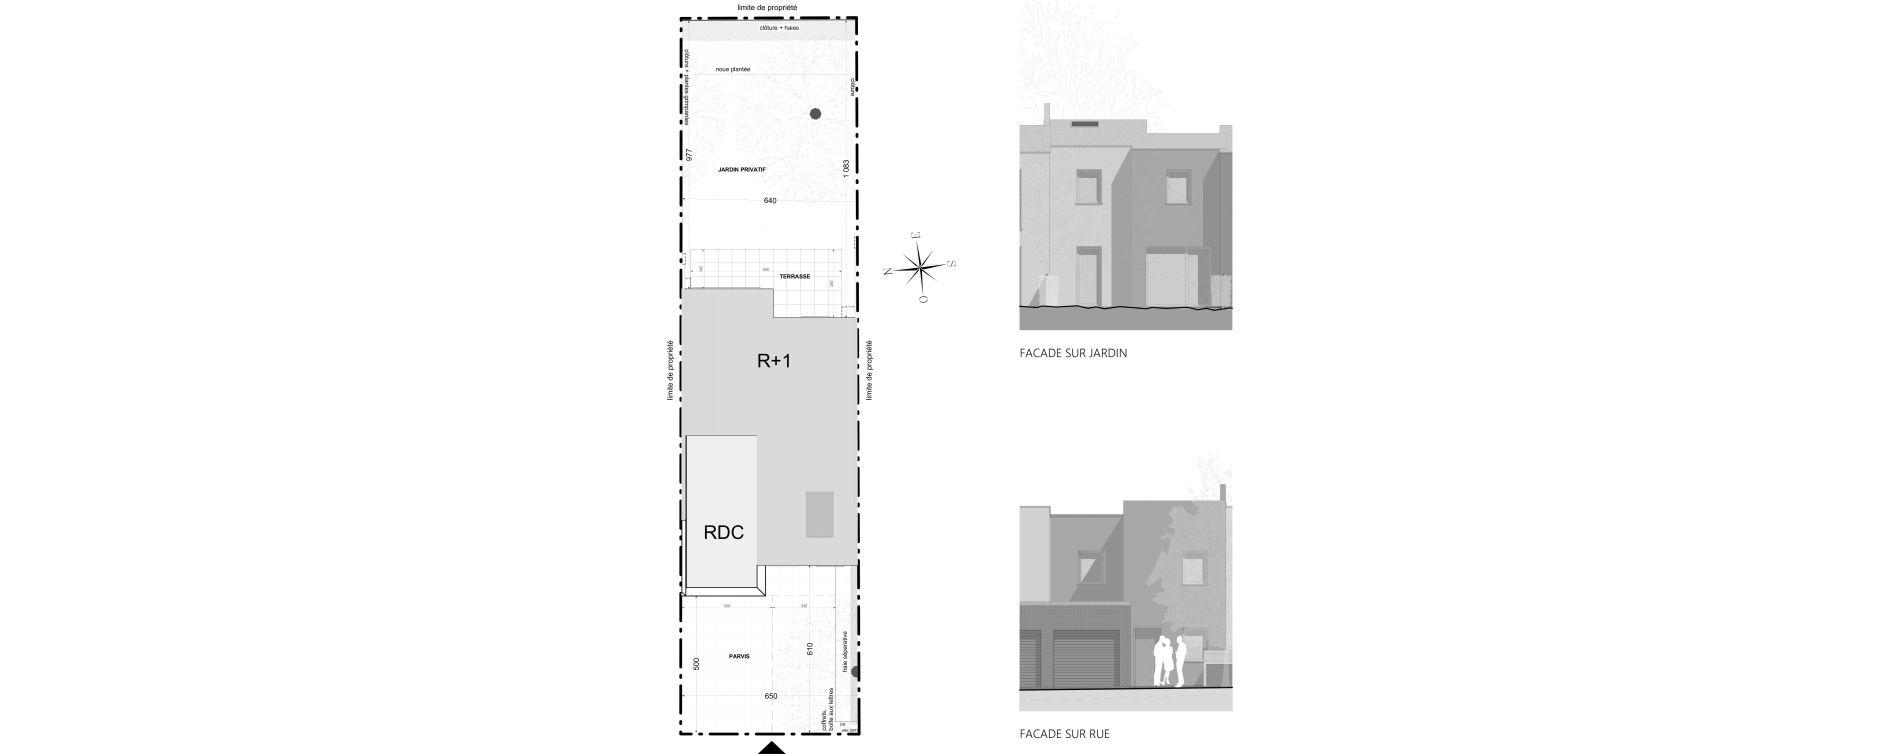 Maison T3 de 70,70 m2 à Colmar Saint-vincent de paul